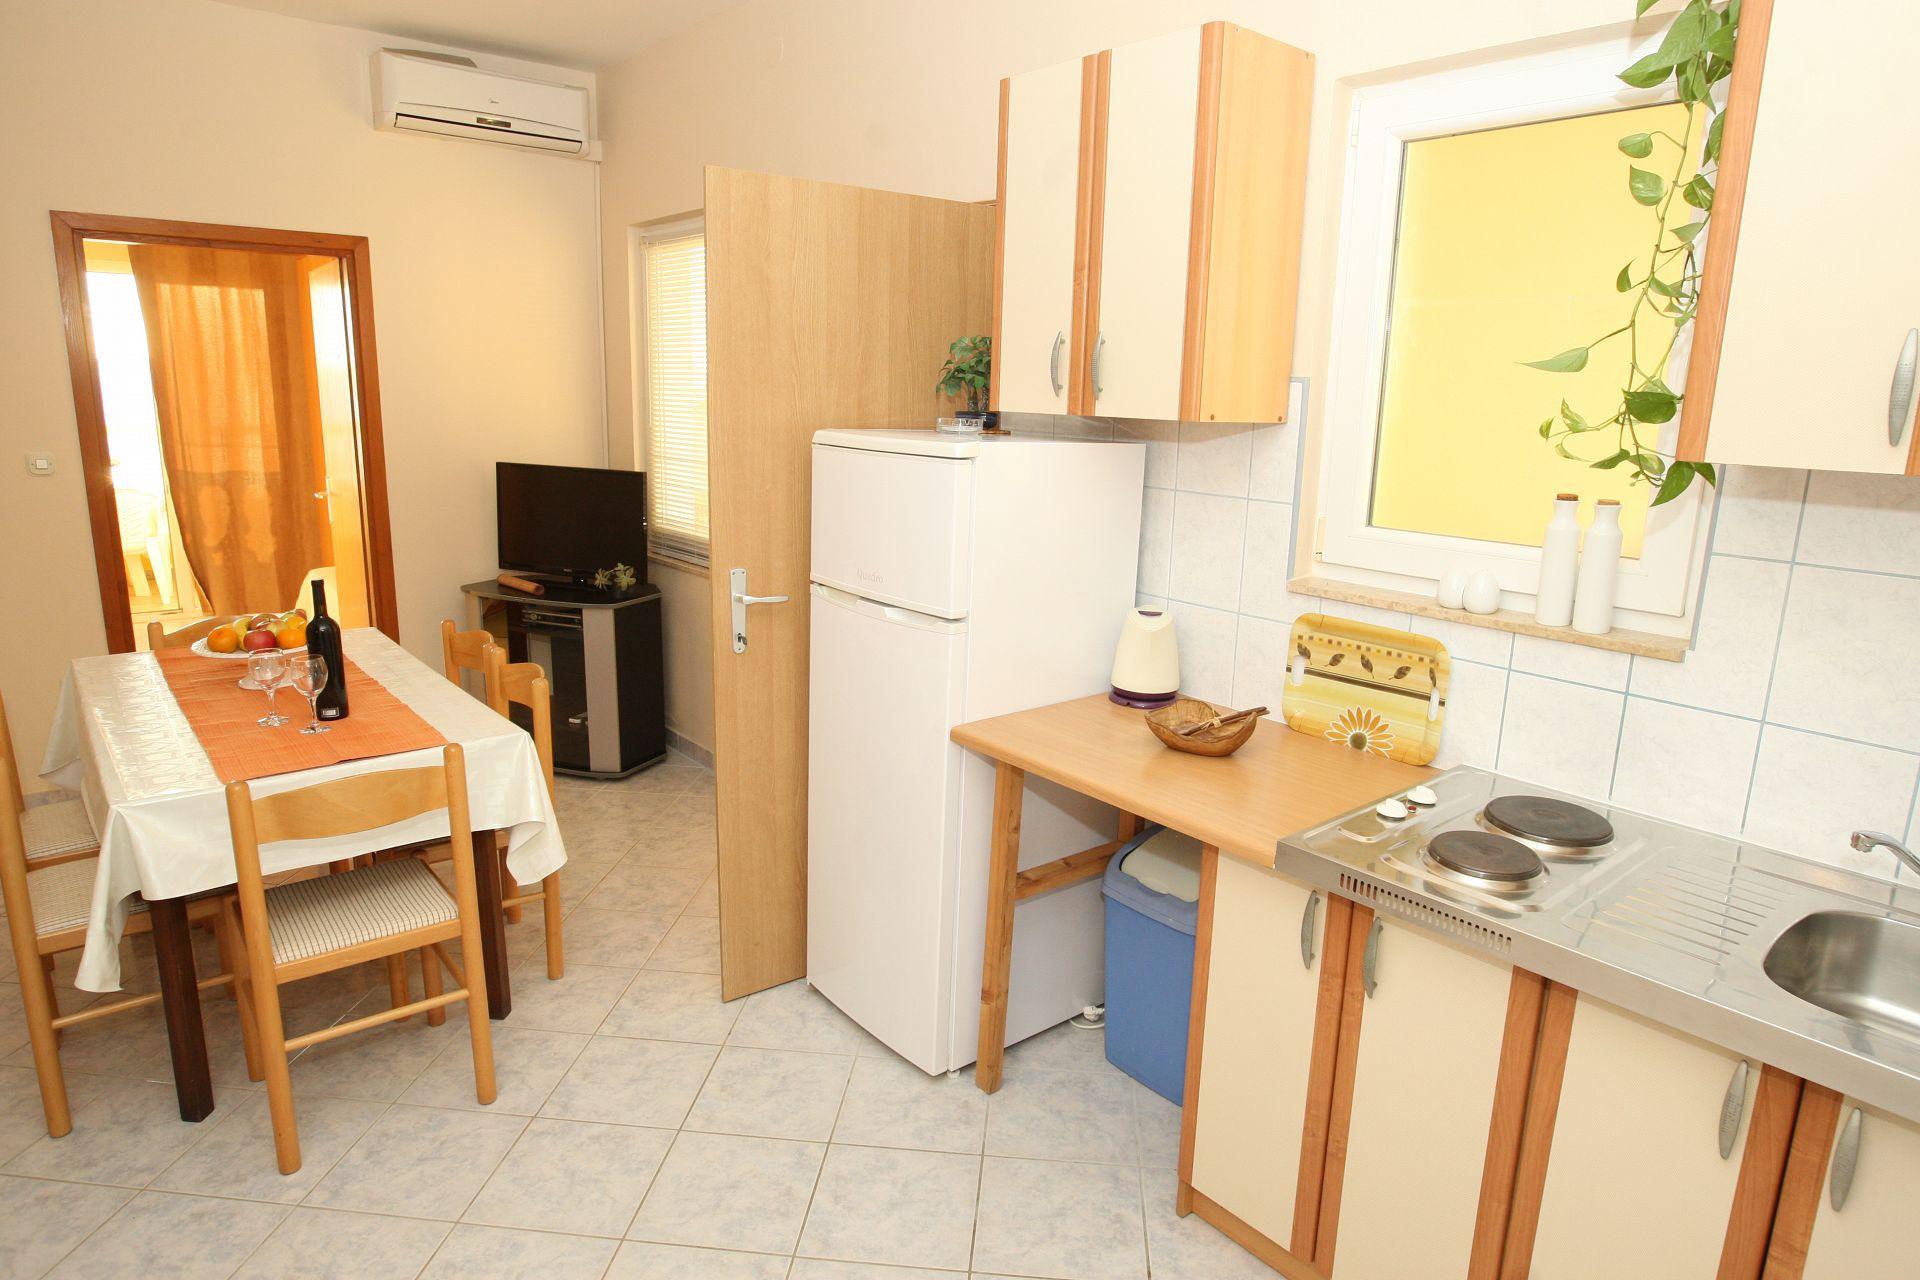 Ferienwohnung Mladen A1(5) - Vrsi (739699), Vrsi, , Dalmatien, Kroatien, Bild 9